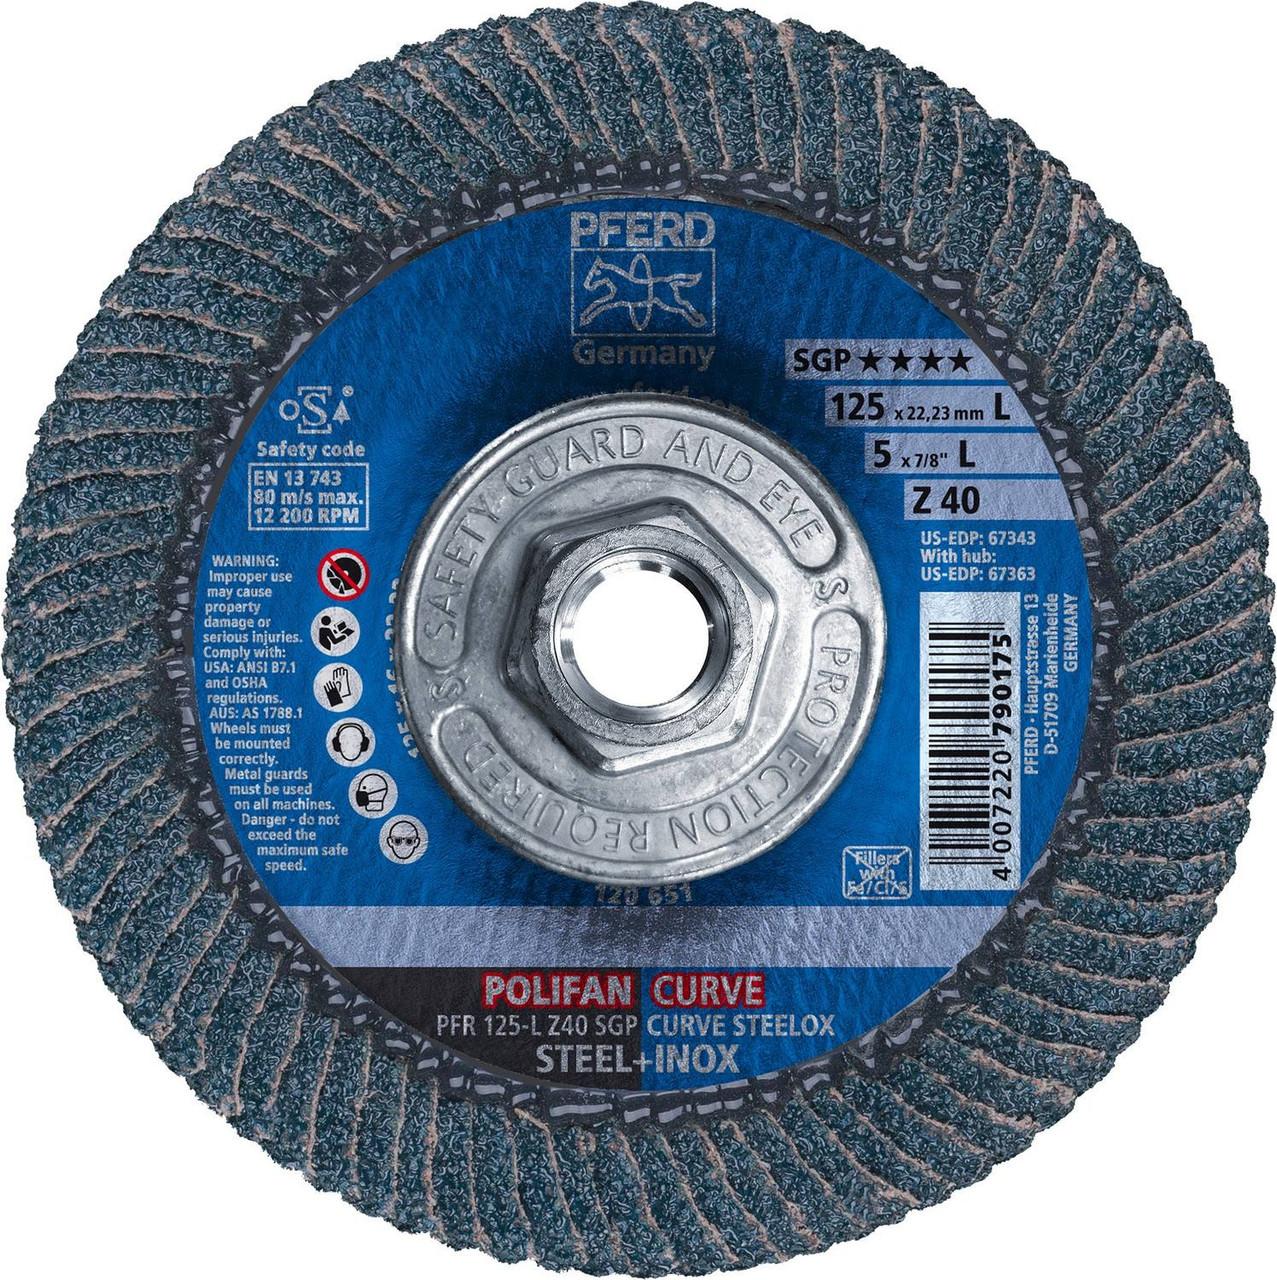 Pferd Large Polifan-curve Z SGP Curve Steelox Flap Disc | Plain Arbor Hole  | 67339 | 4-1/2